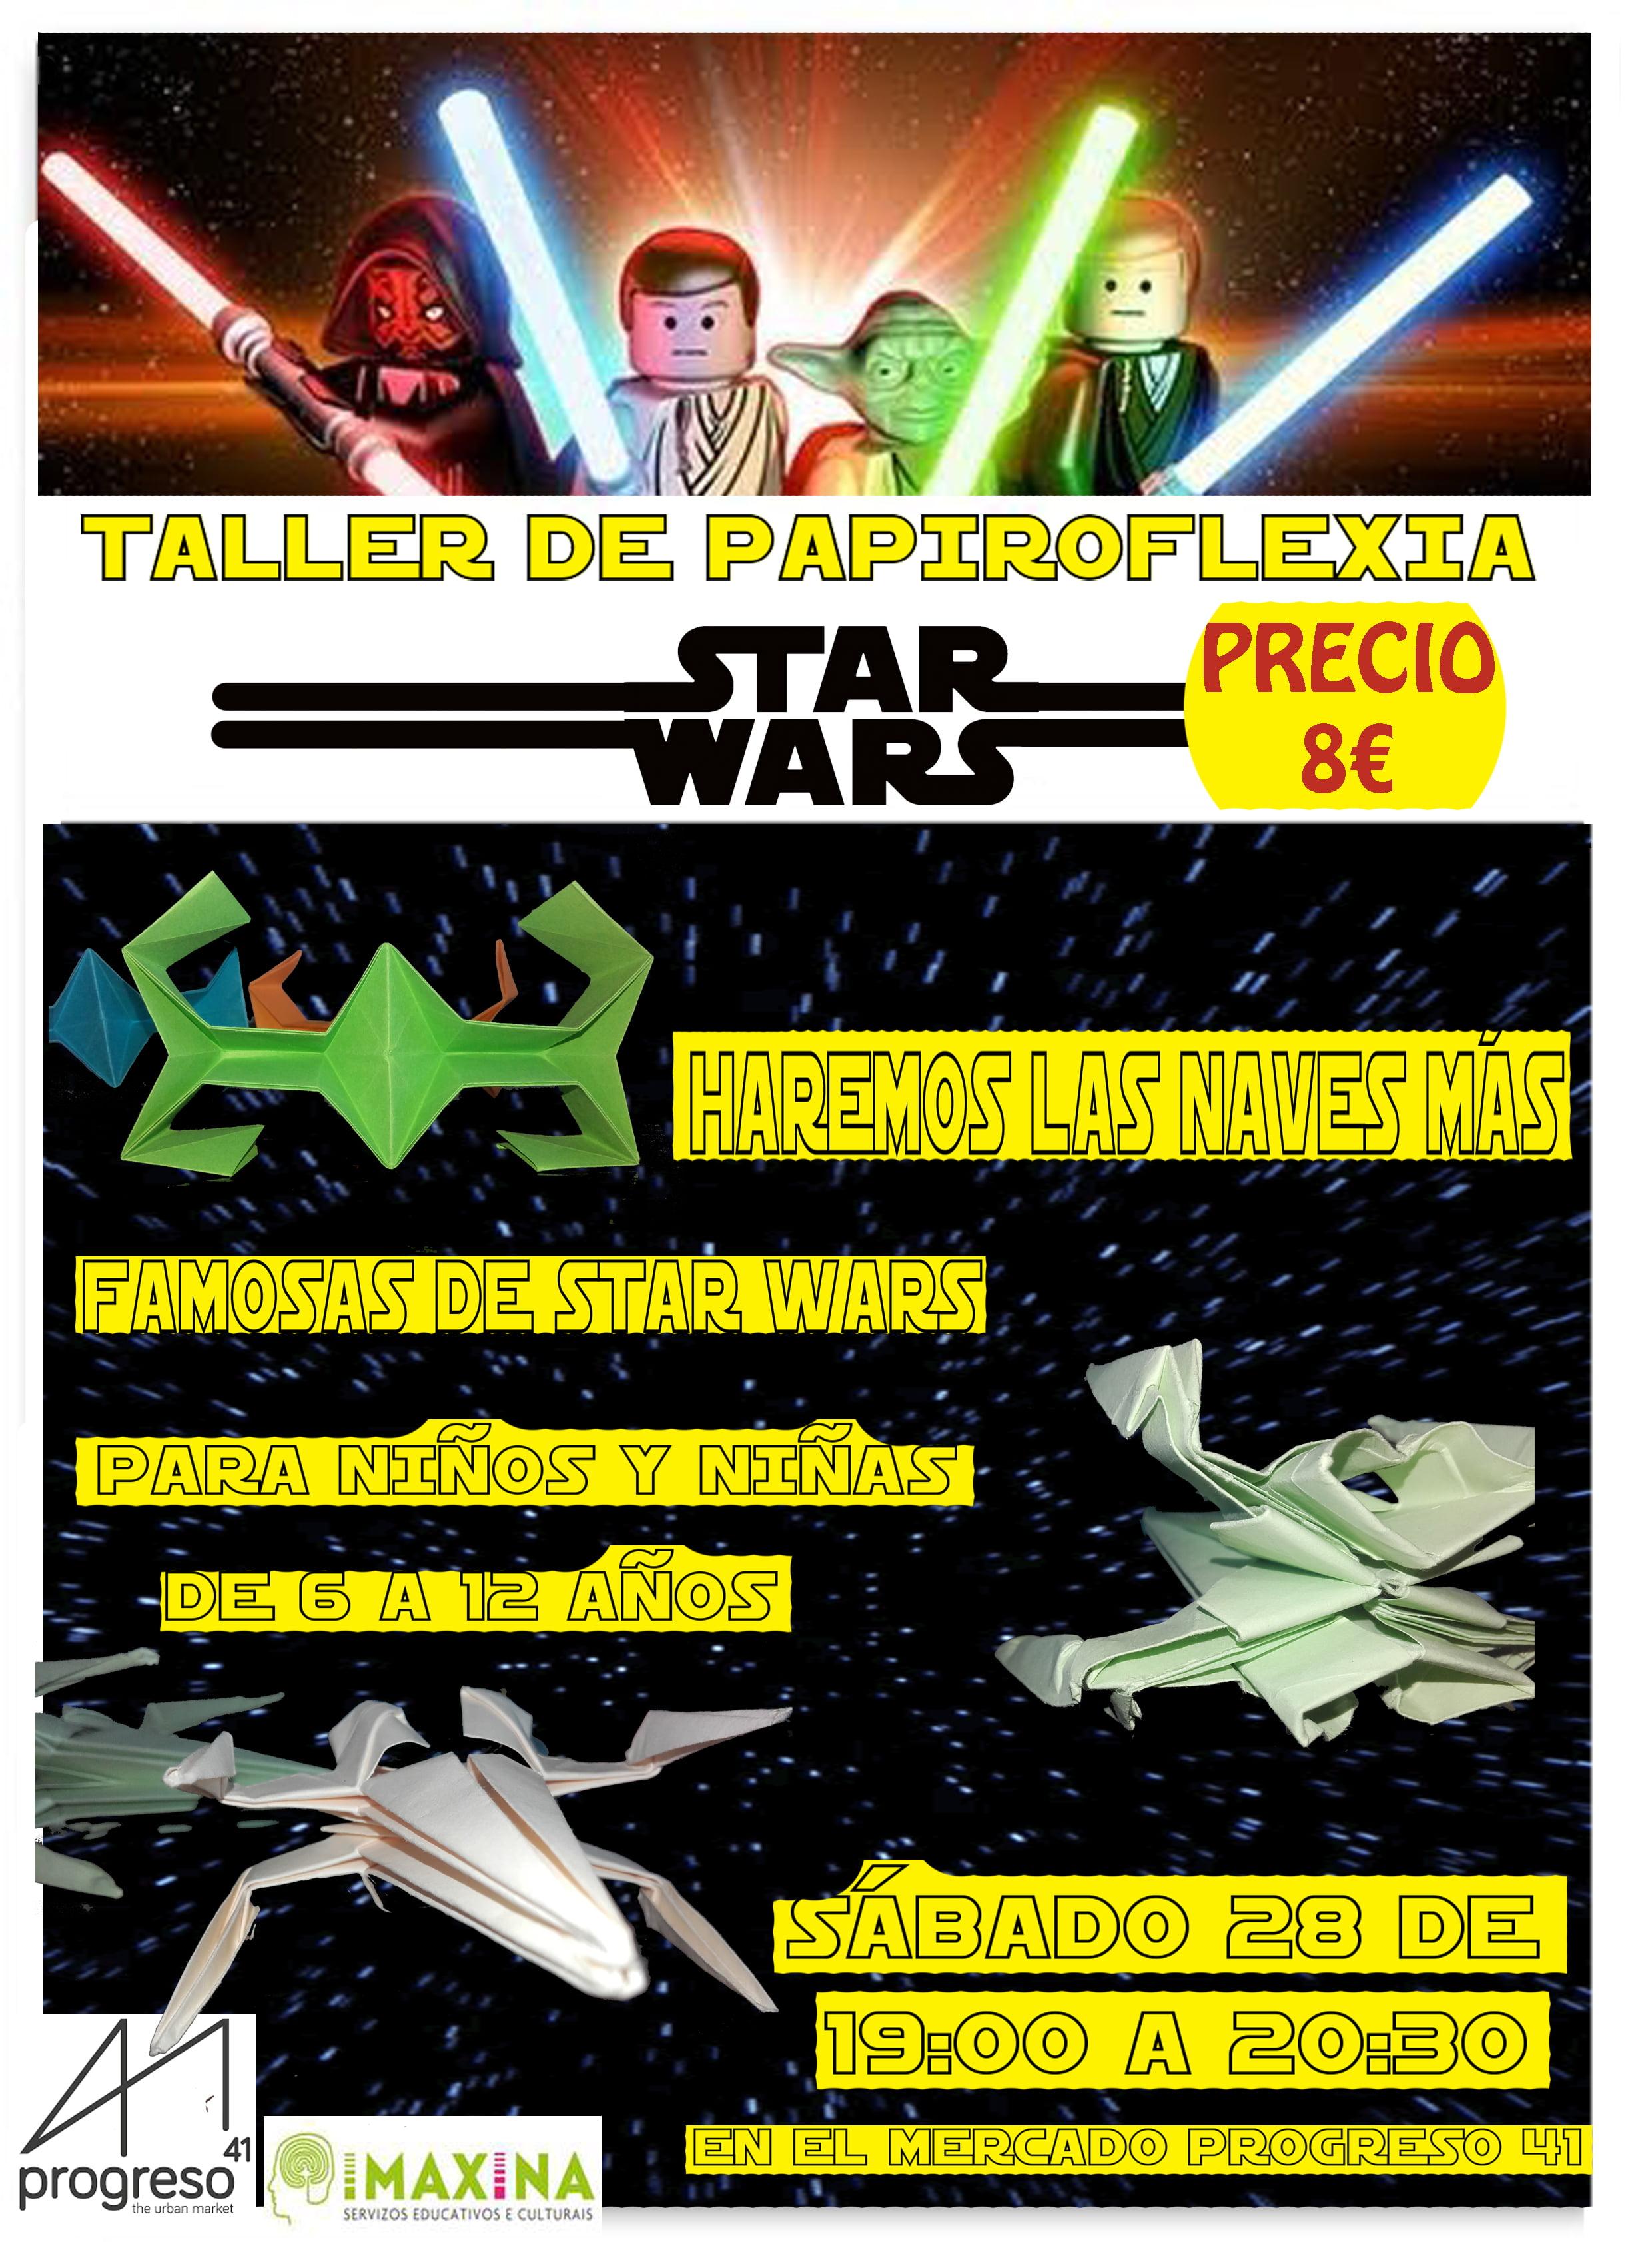 OBRADOIRO DE PAPIROFLEXIA NO MERCADO PROGRESO 41: NAVES DE STAR WARS.